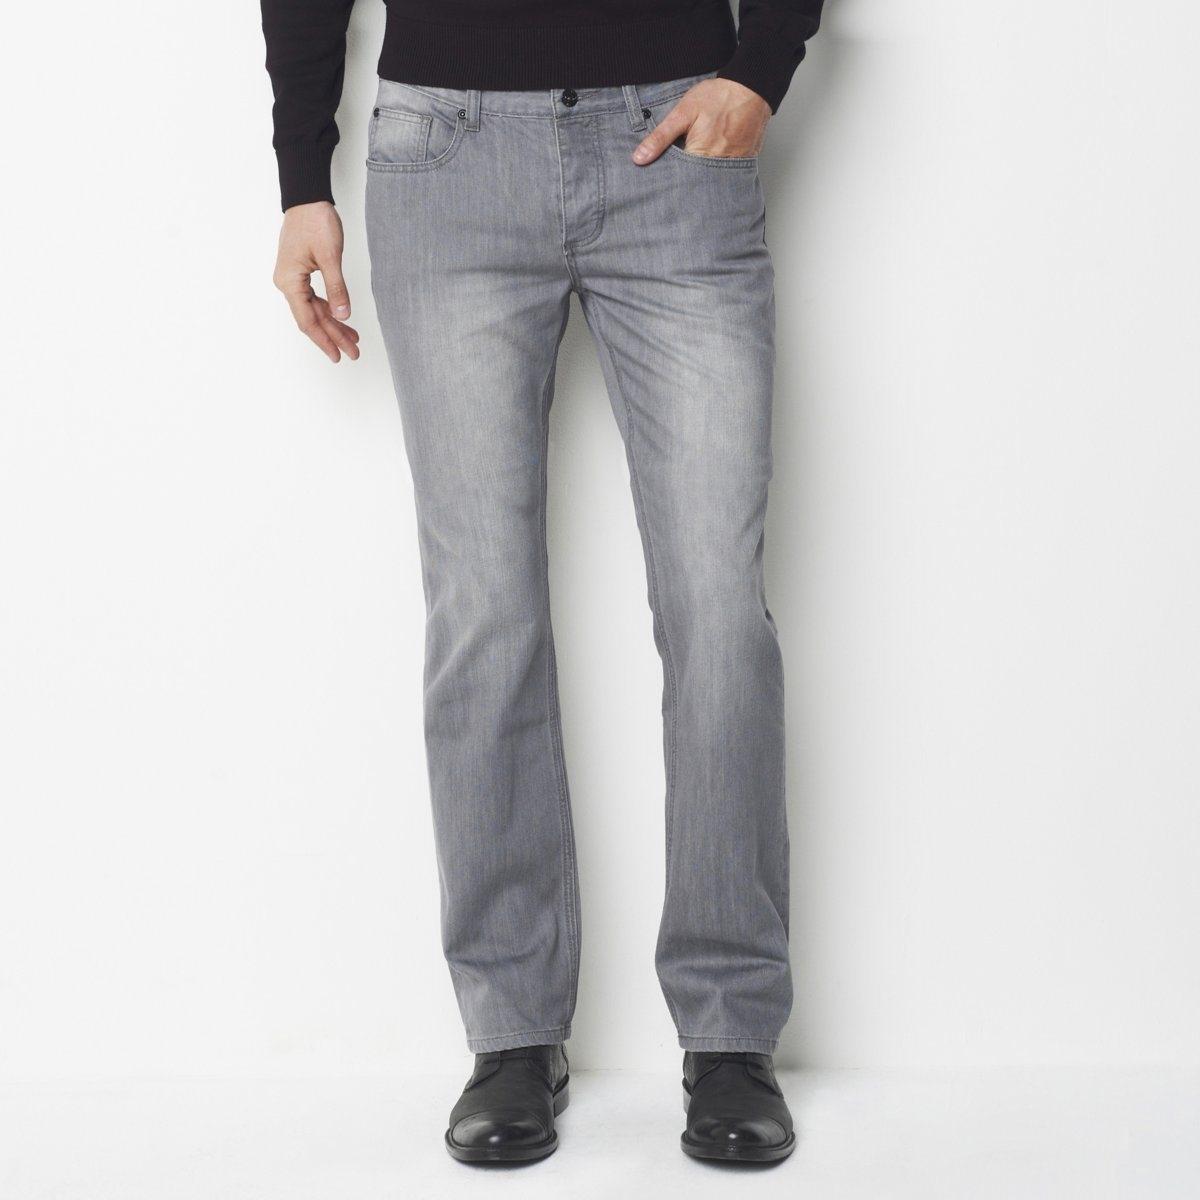 Джинсы, длина 34 джинсы расклешенные длина 34